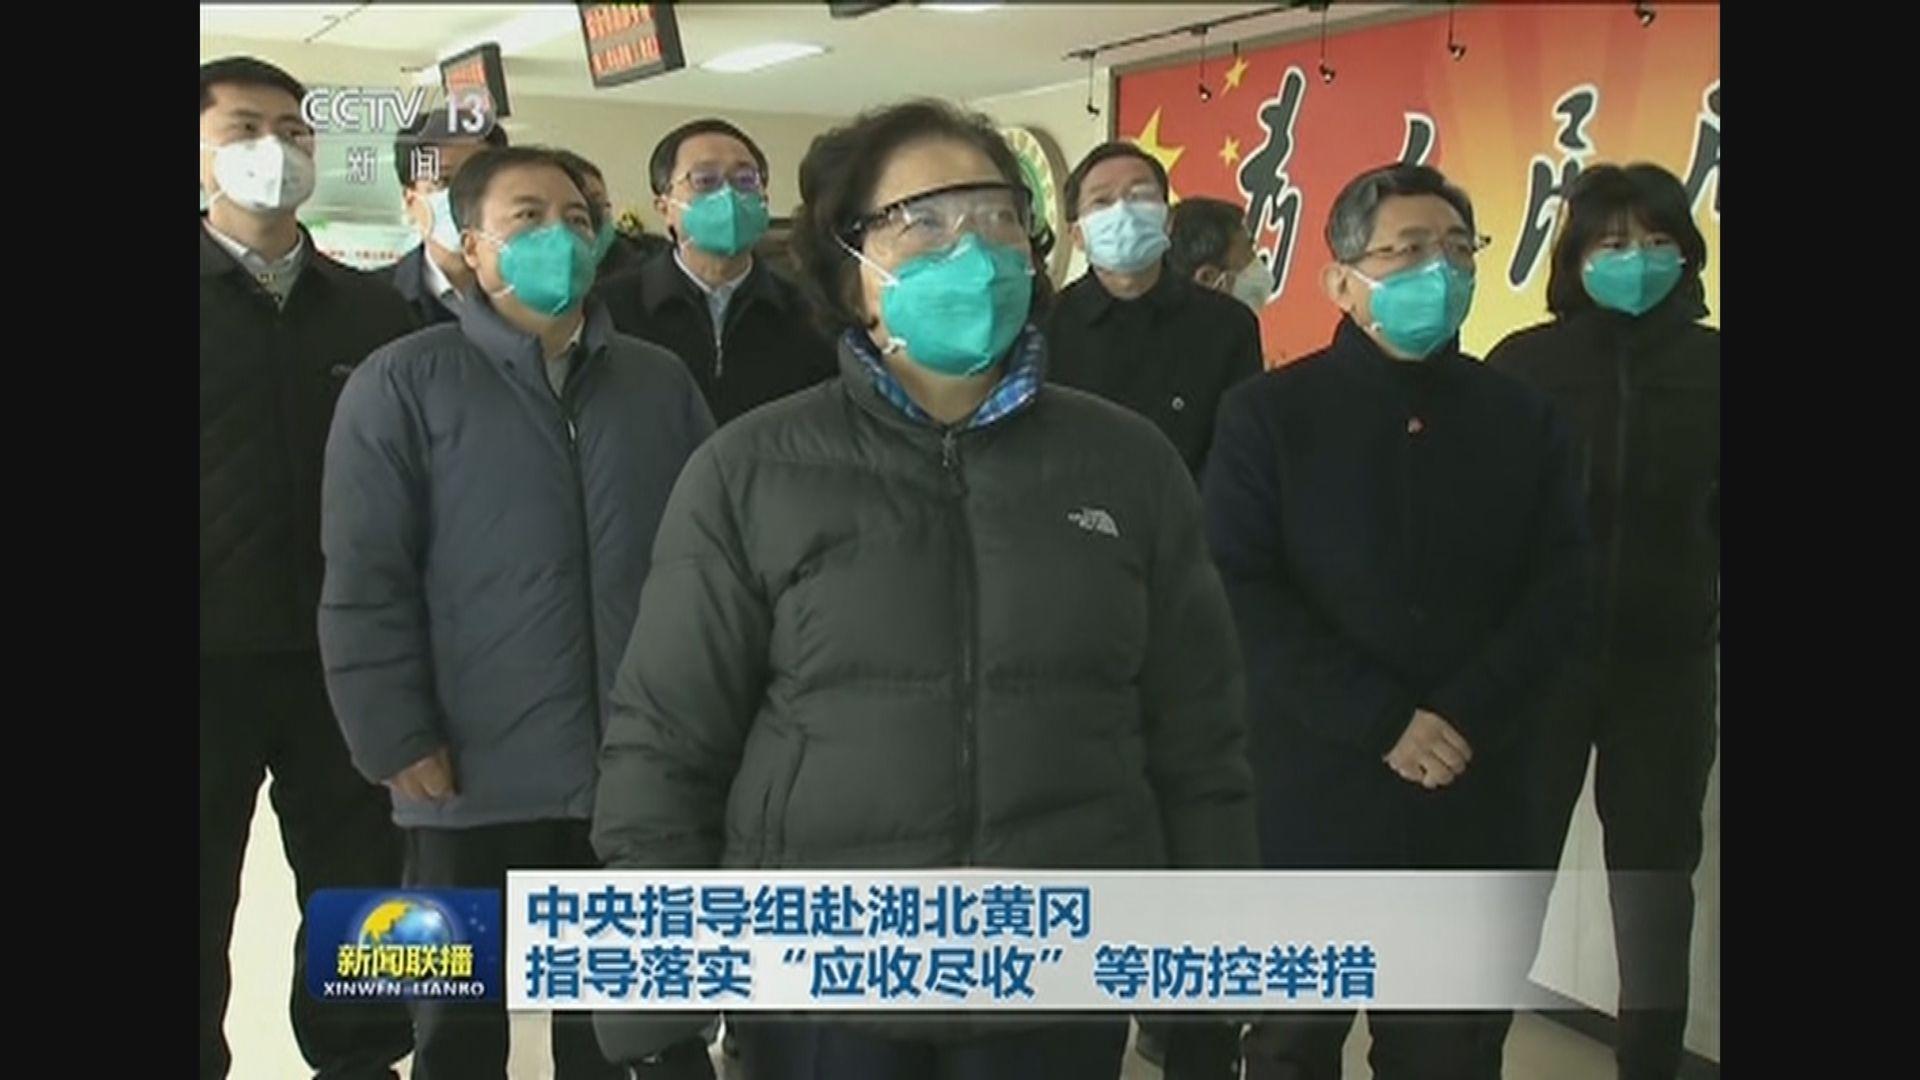 副總理孫春蘭到湖北黃岡市指導防疫工作